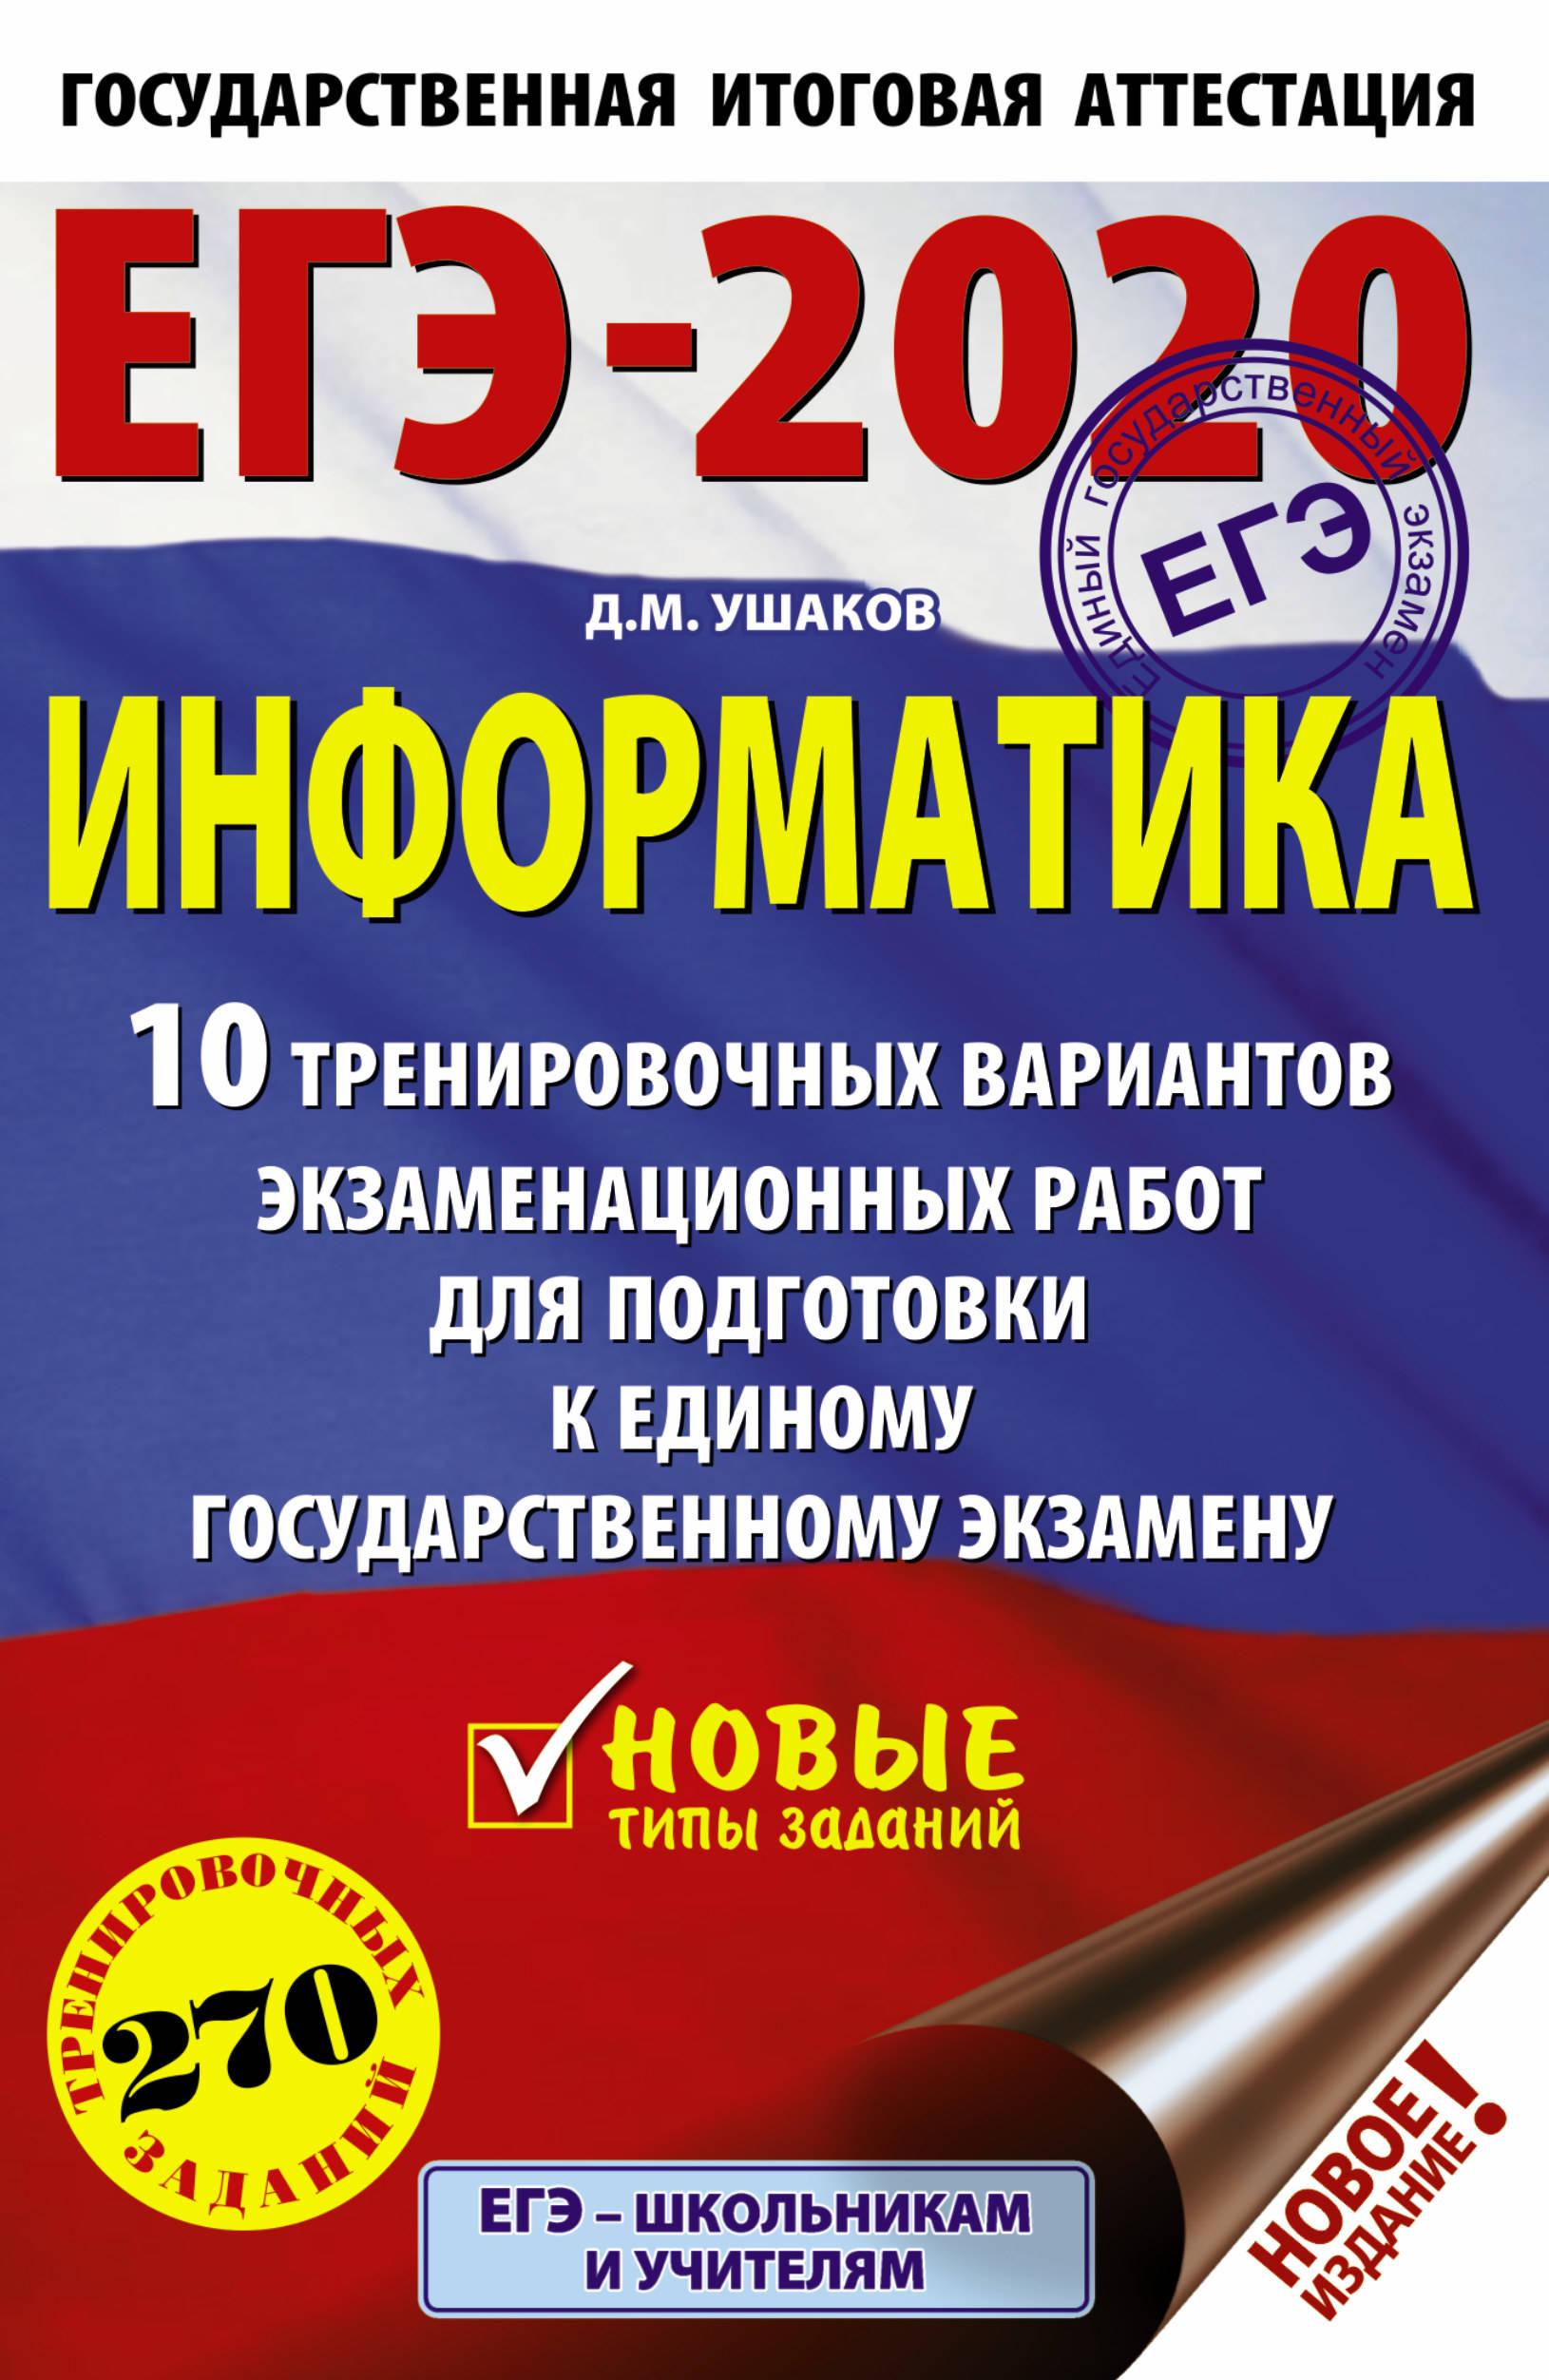 ЕГЭ-2020. Информатика (60х90/16) 10 тренировочных вариантов экзаменационных работ для подготовки к единому государственному экзамену